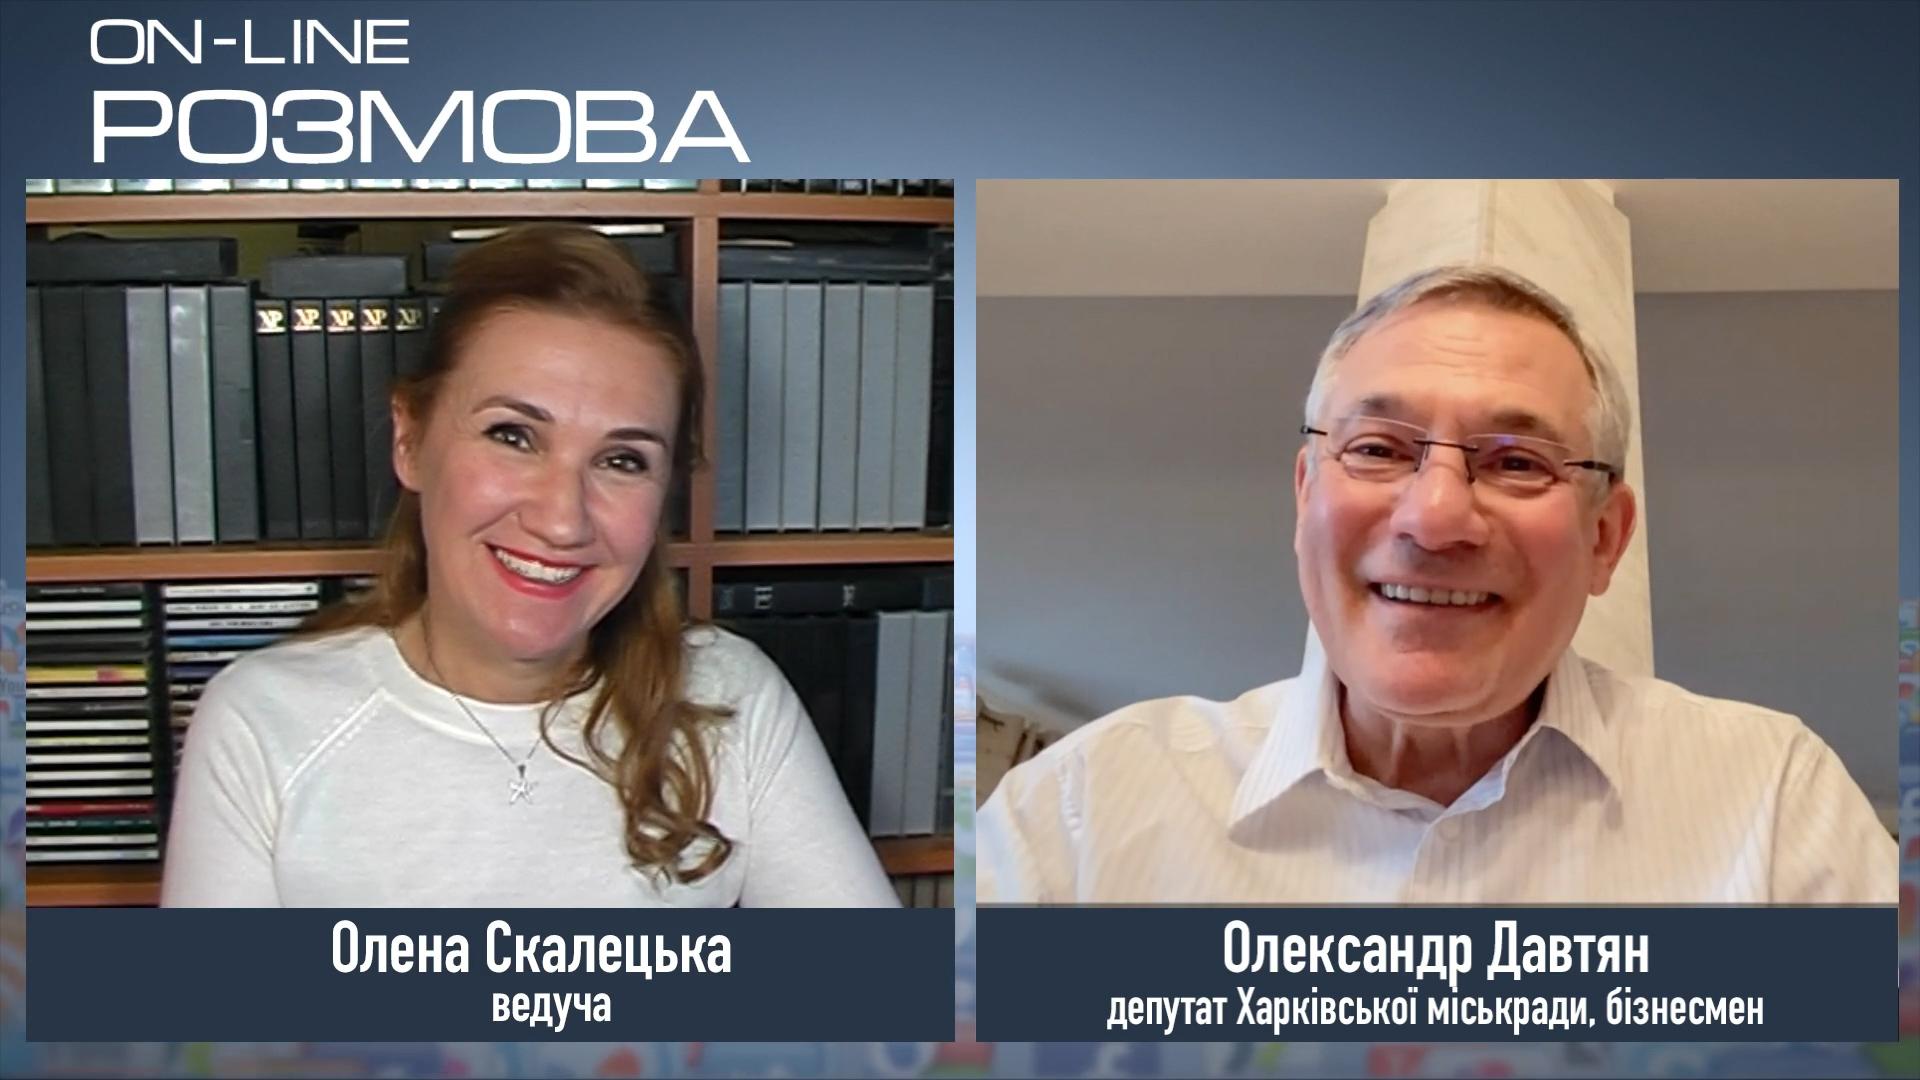 О кадровых неудачах Зеленского, этике журналистов, политических скандалах в Украине – Александр Давтян в On-Line розмова